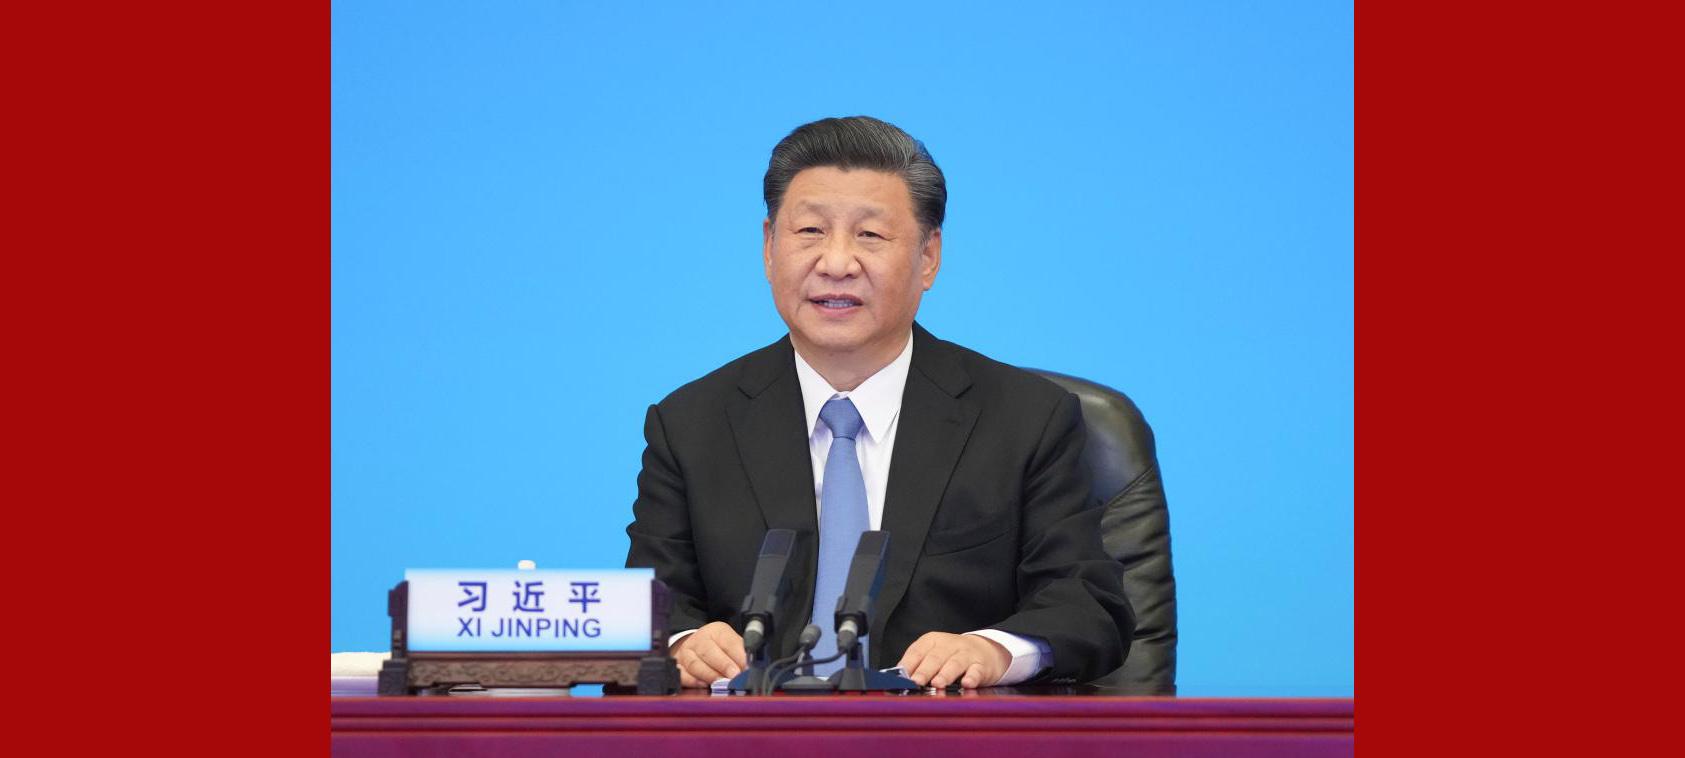 Enfoque: Xi pede que partidos políticos no mundo assumam responsabilidade pela busca do bem-estar das pessoas e progresso da humanidade